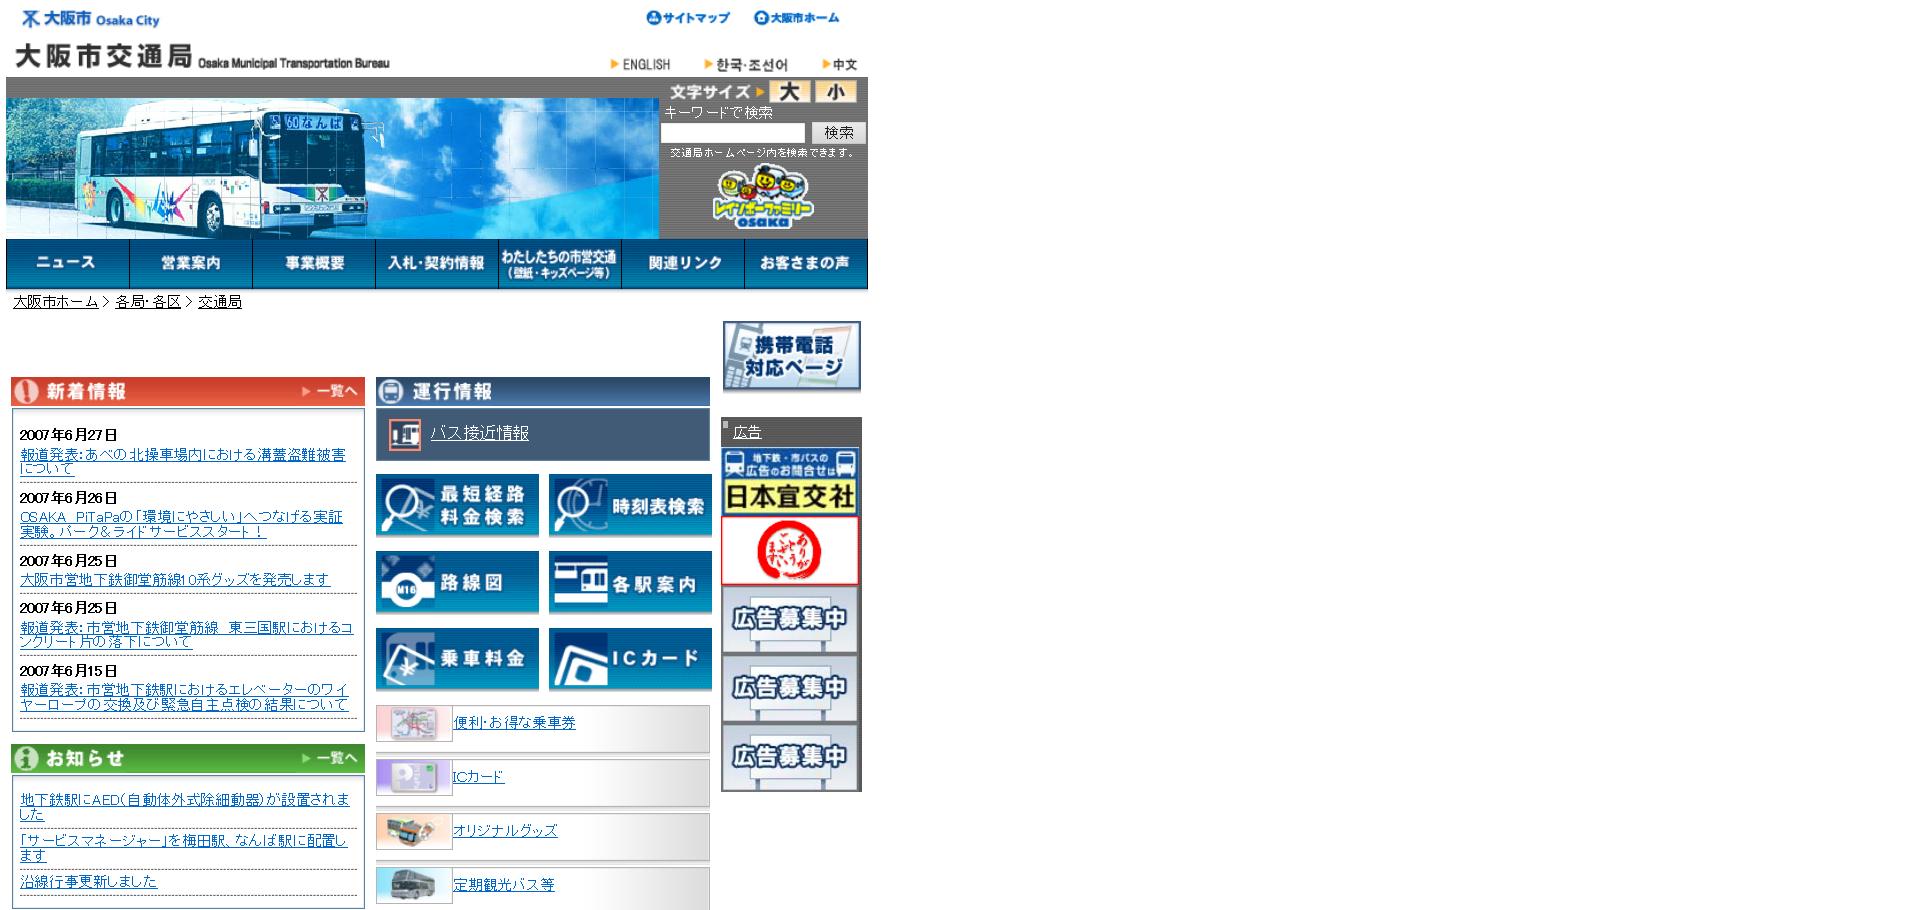 osakasubwayHP2007 インターネットアーカイブで大阪市交通局ホームページの歴史を探